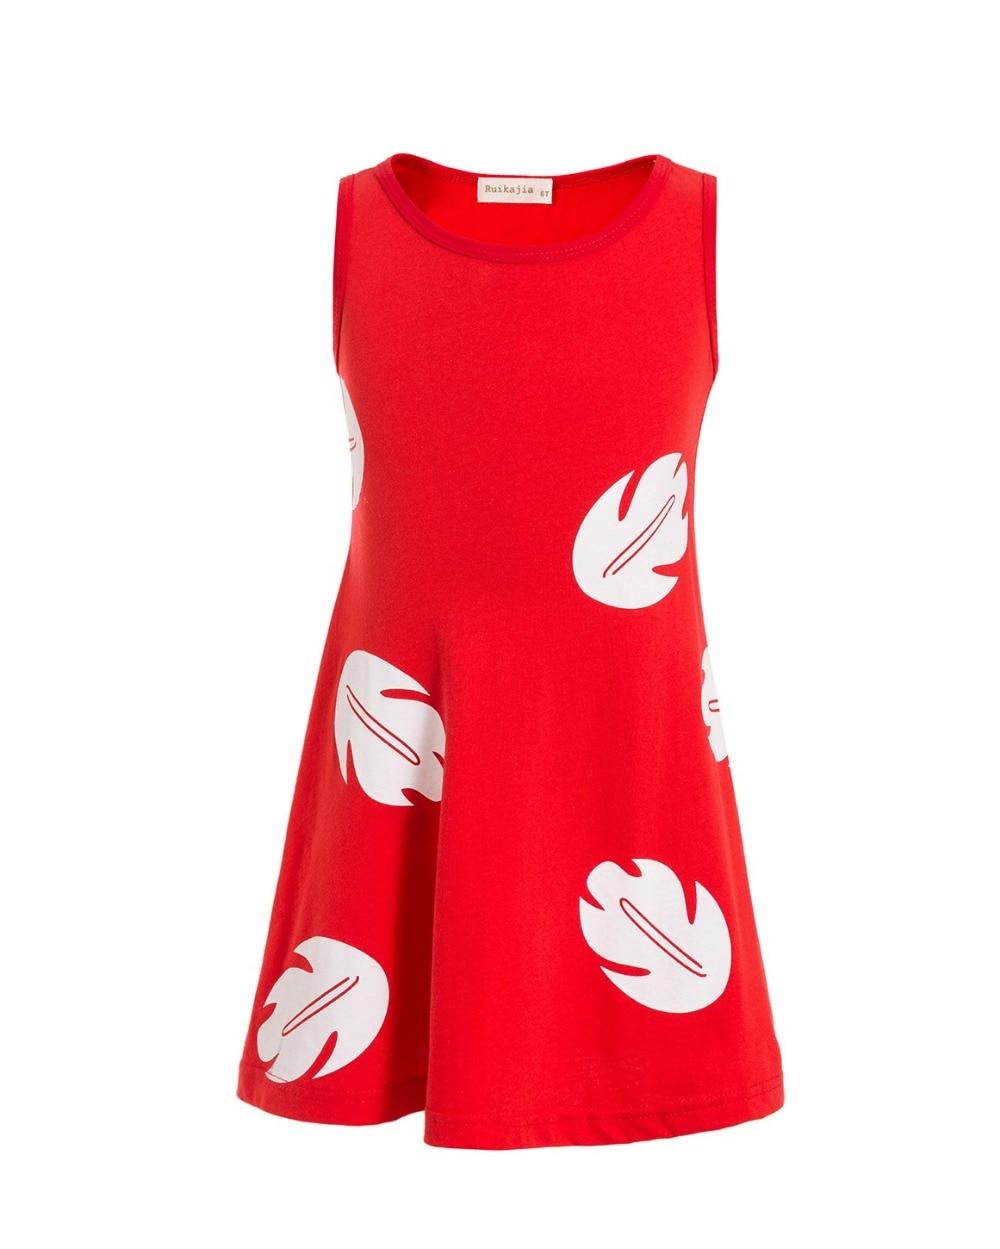 Платье в стиле Лило и Стич, костюм для девочки, костюм Лило, костюм на день рождения вечерние костюм на день рождения, Гавайское платье, детск...